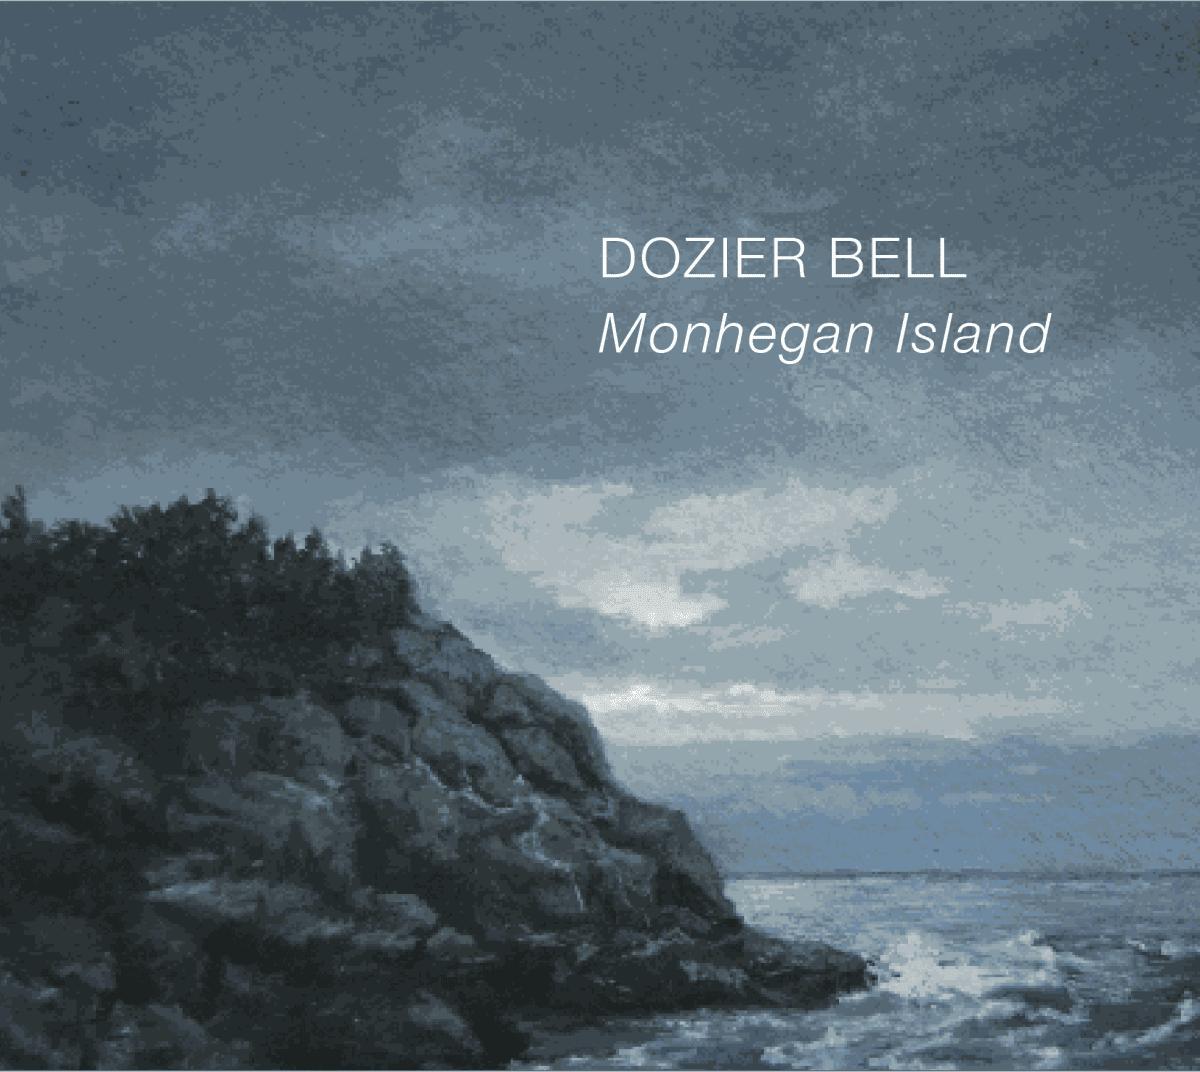 Dozier Bell